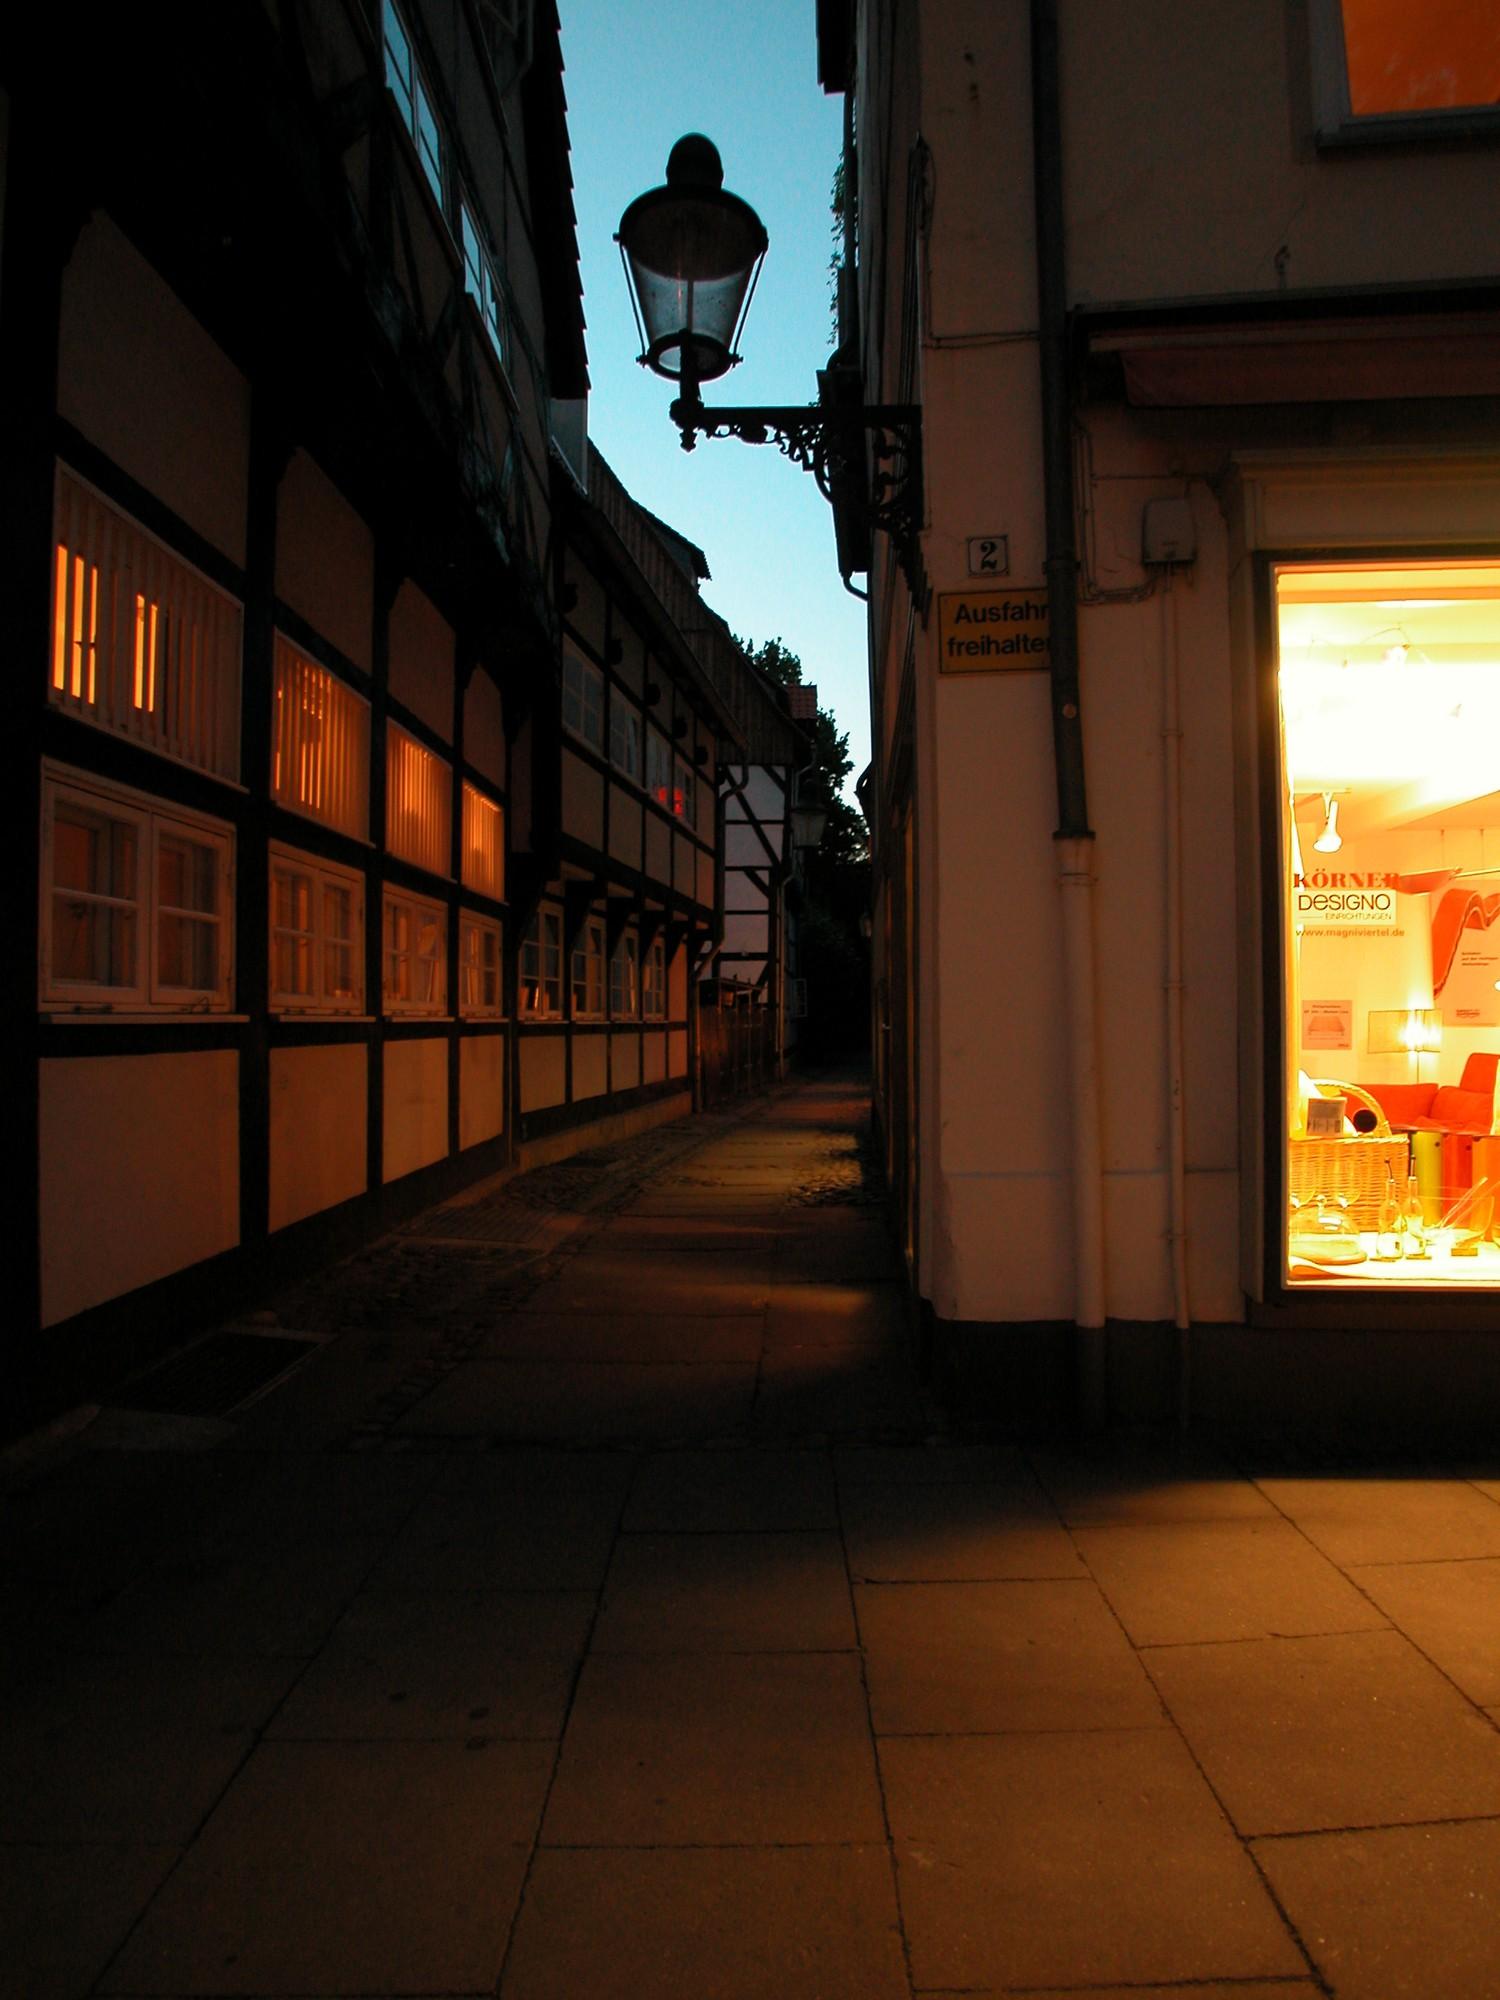 Bildquelle: Braunschweig Stadtmarketing GmbH / okerland-archiv